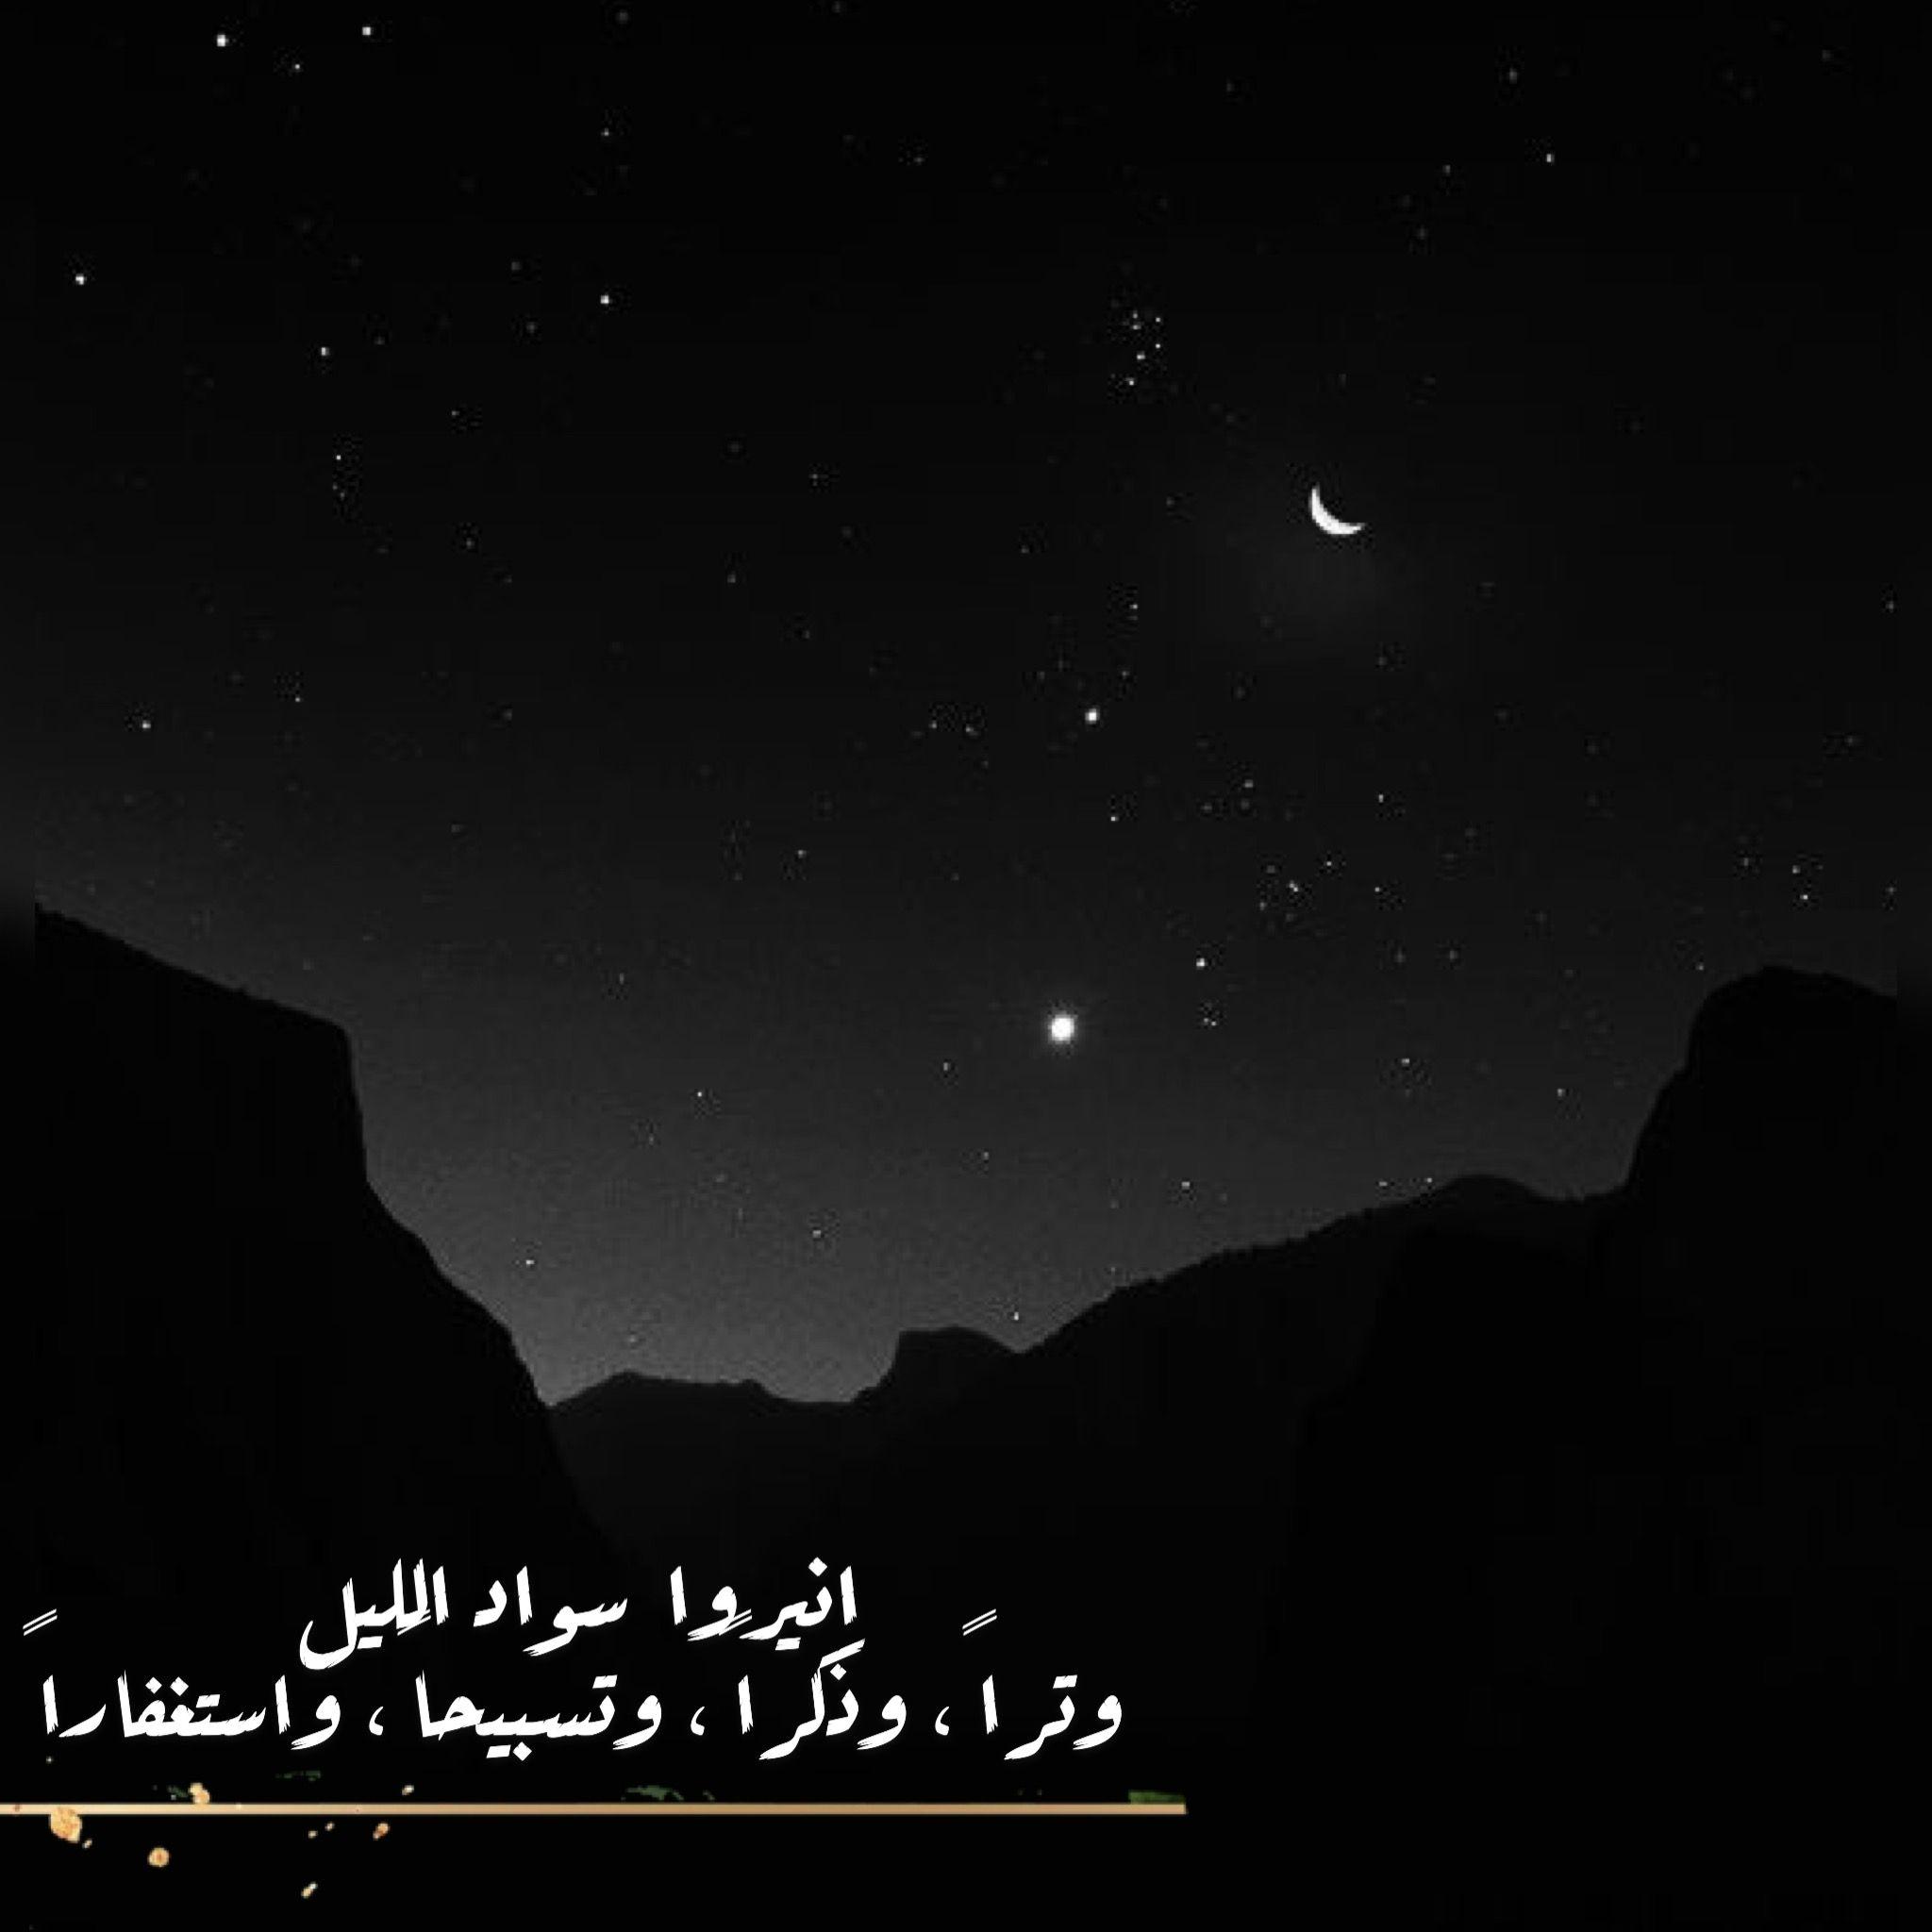 صلاة الوتر Photo Quotes Cover Photo Quotes Islamic Quotes Quran